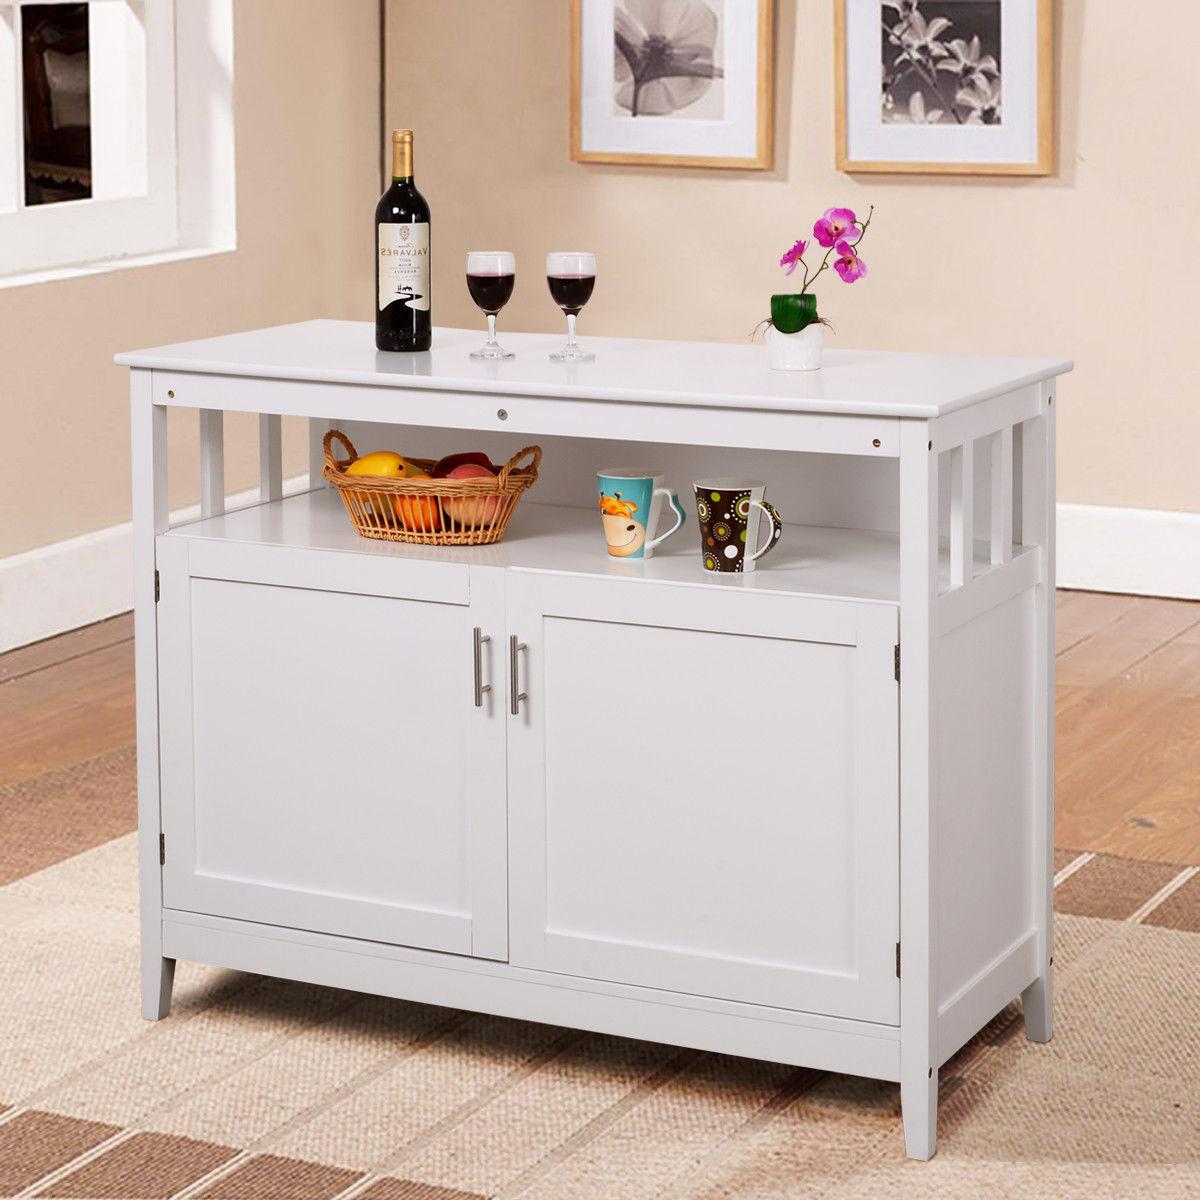 Storage Cabinet Kitchen  GHP White MDF & Pine Wood Modern Space Saving Kitchen